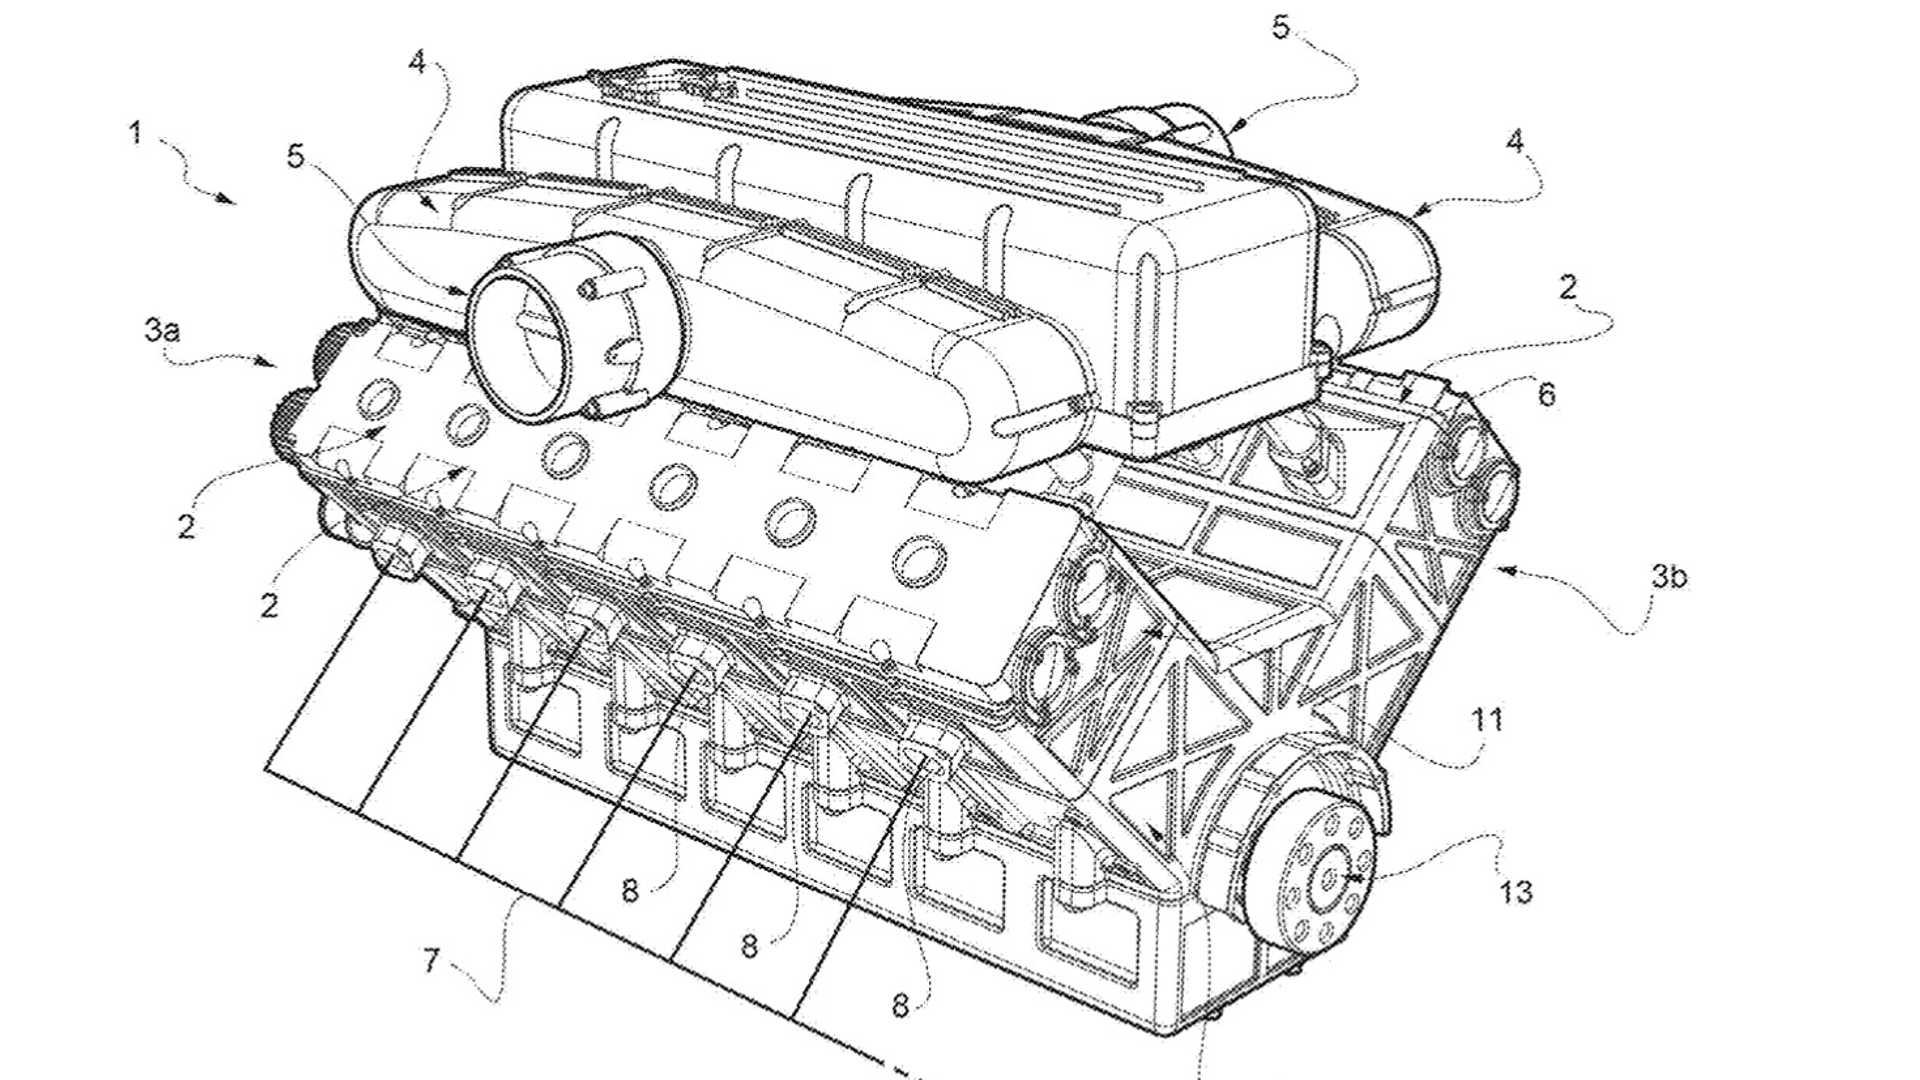 Ferrari Files A Patent For A New Fuel Efficient V12